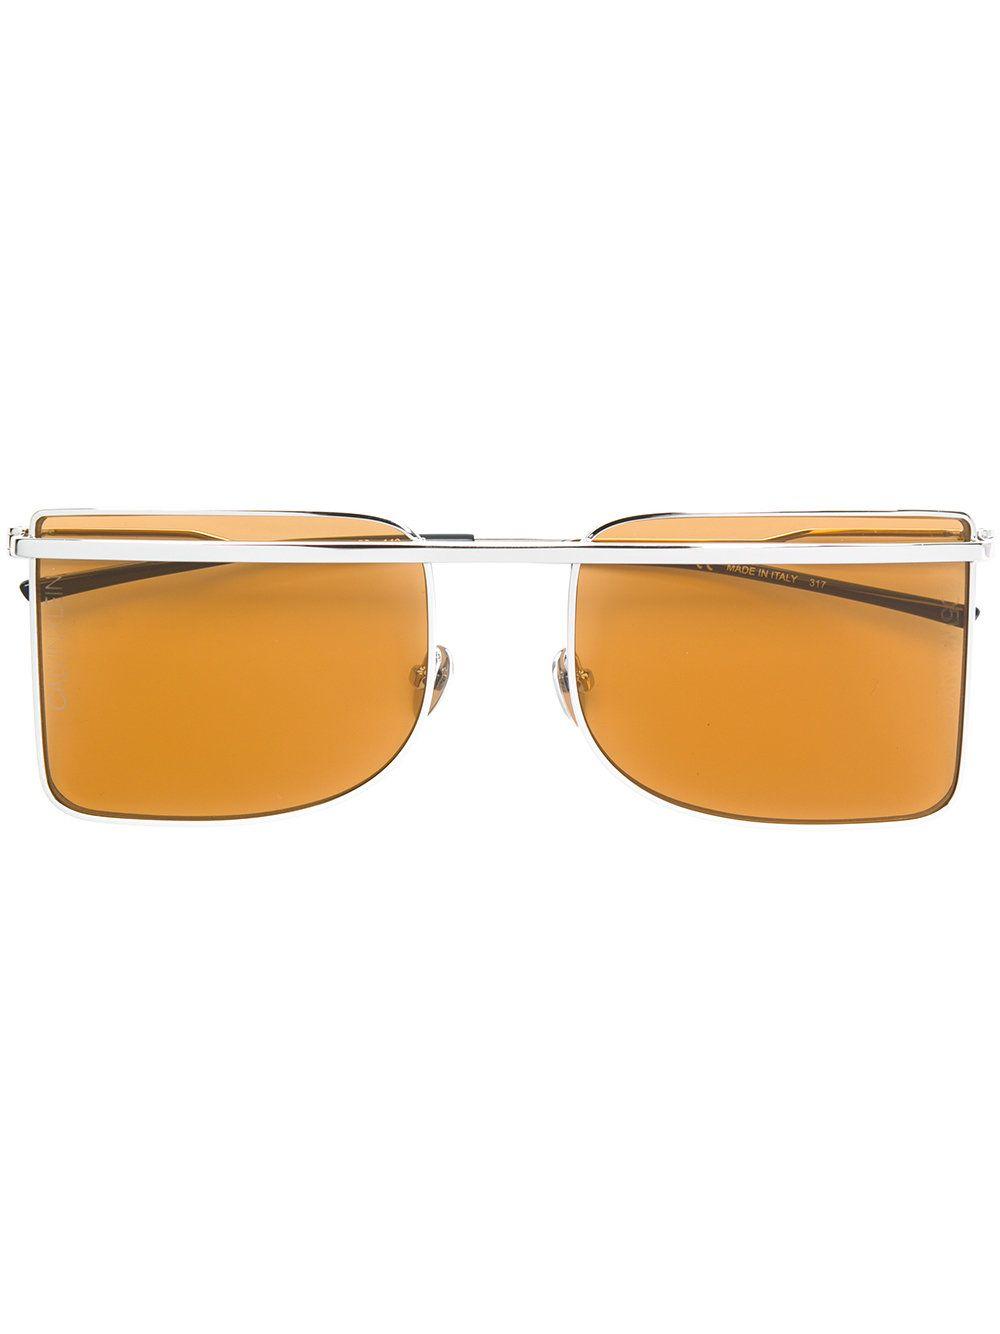 d74611b5d70 Calvin Klein 205W39nyc lunettes de soleil à monture carrée